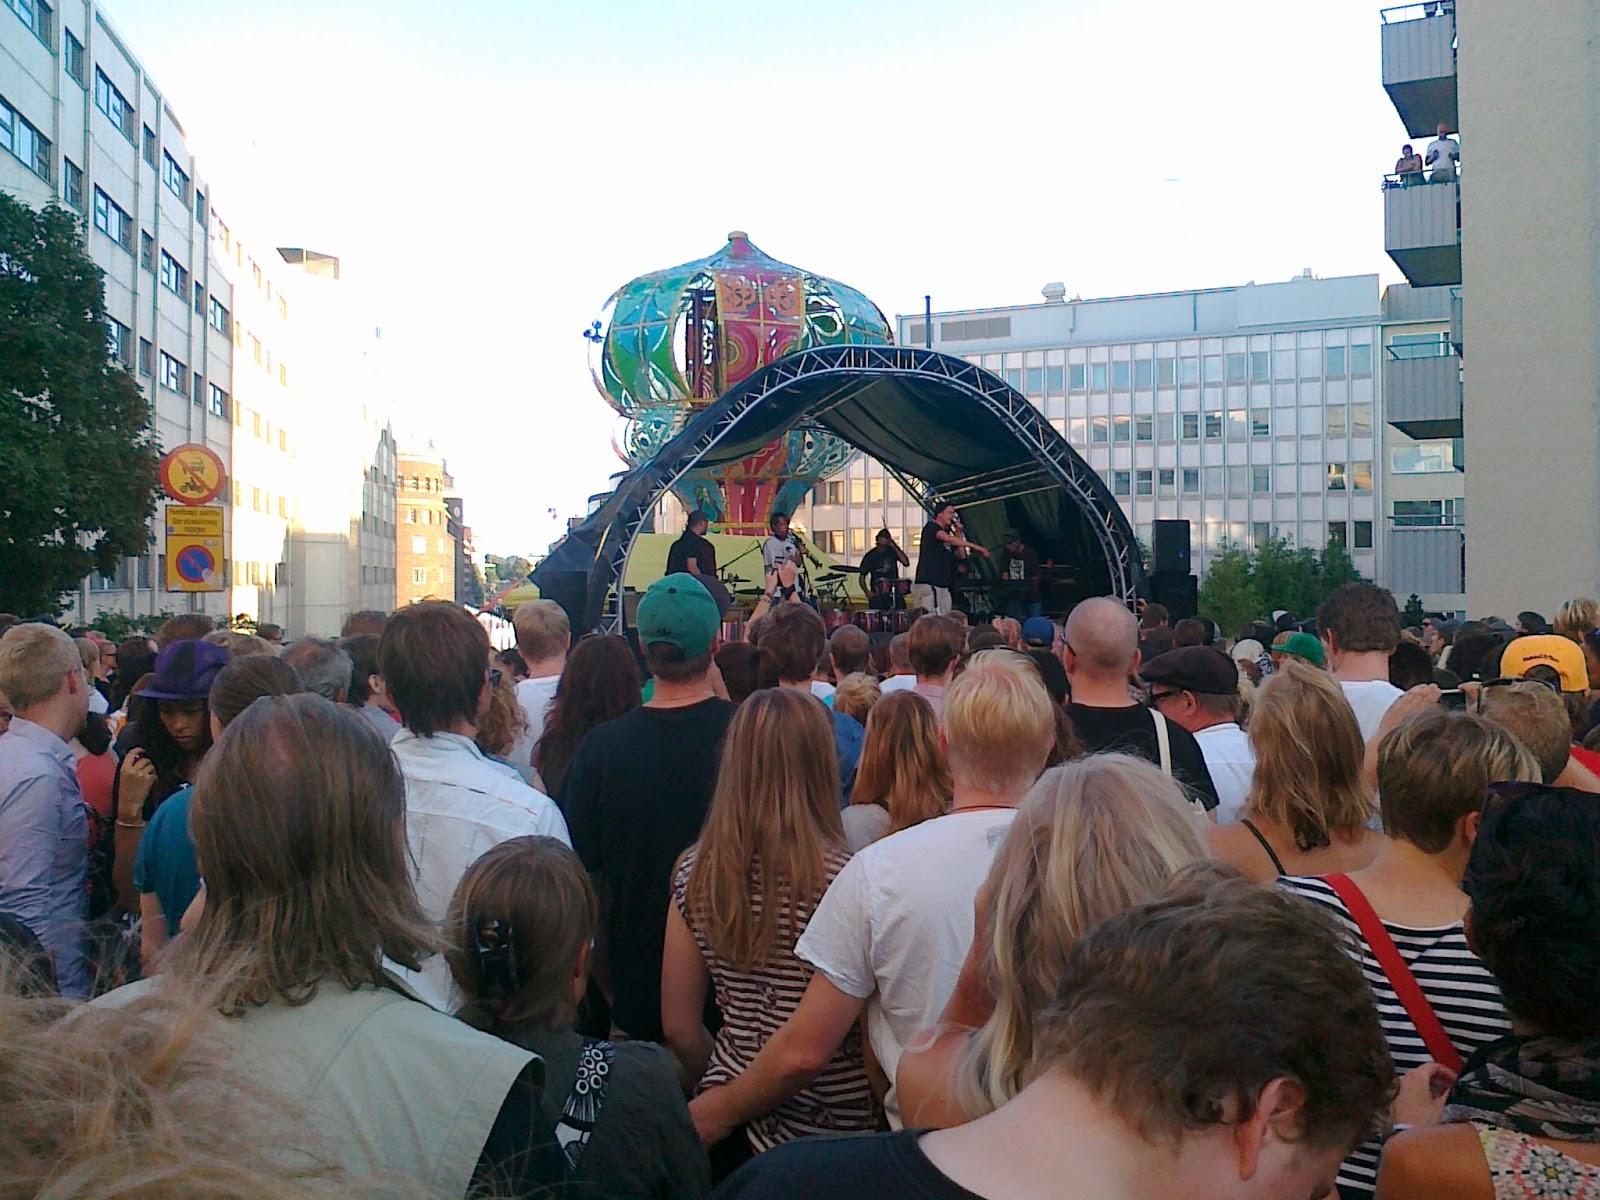 Savannilla: Kallio Block Party, Helsinki